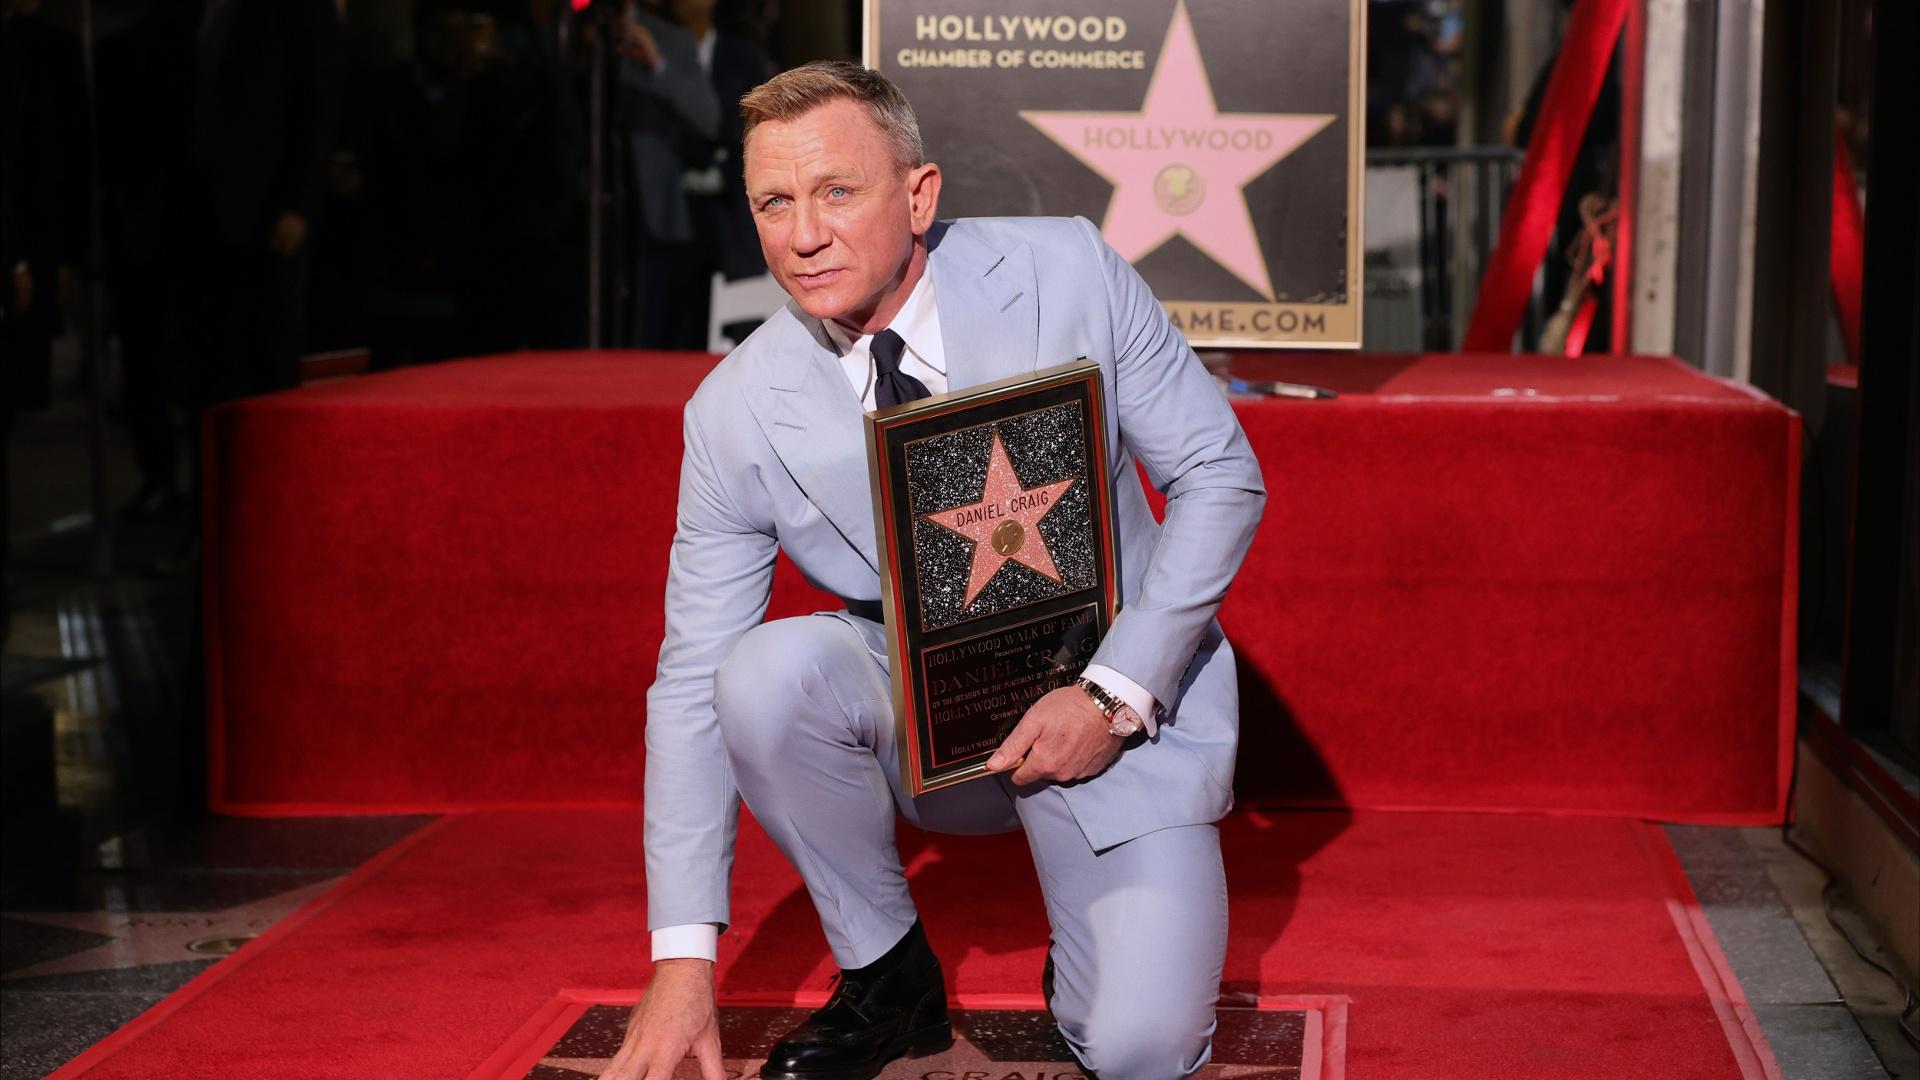 Дэниел Крейг получил звезду на голливудской Аллее славы